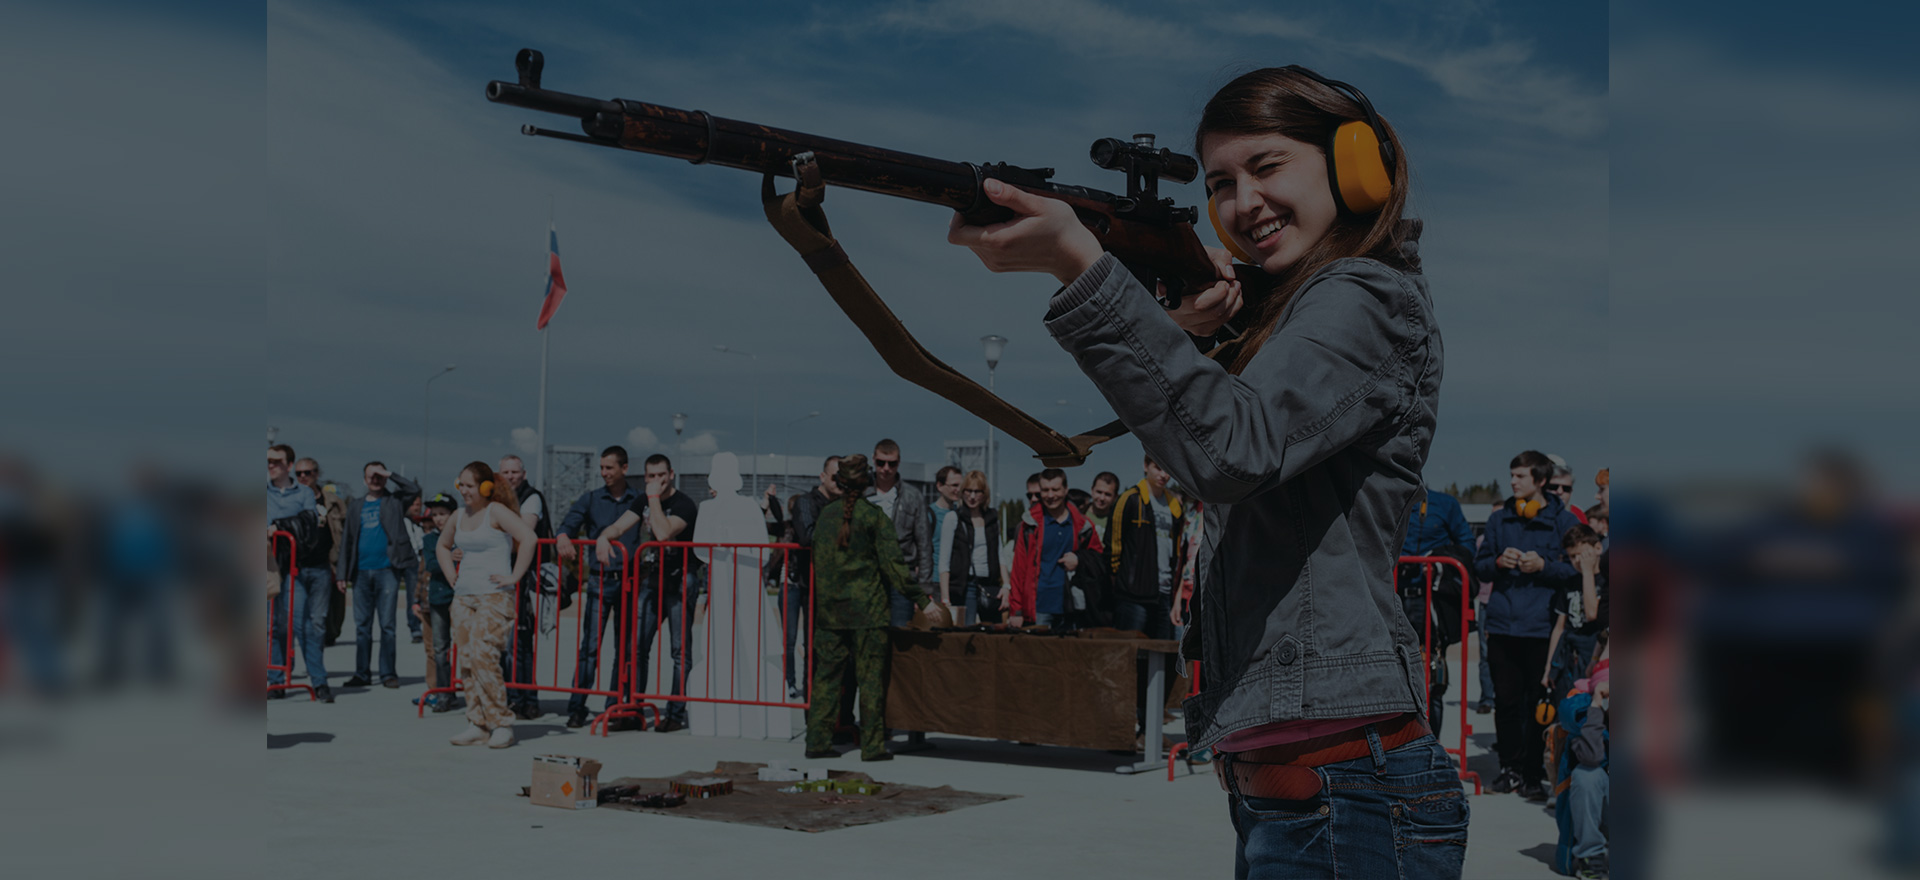 Тир с историческим оружием фото2